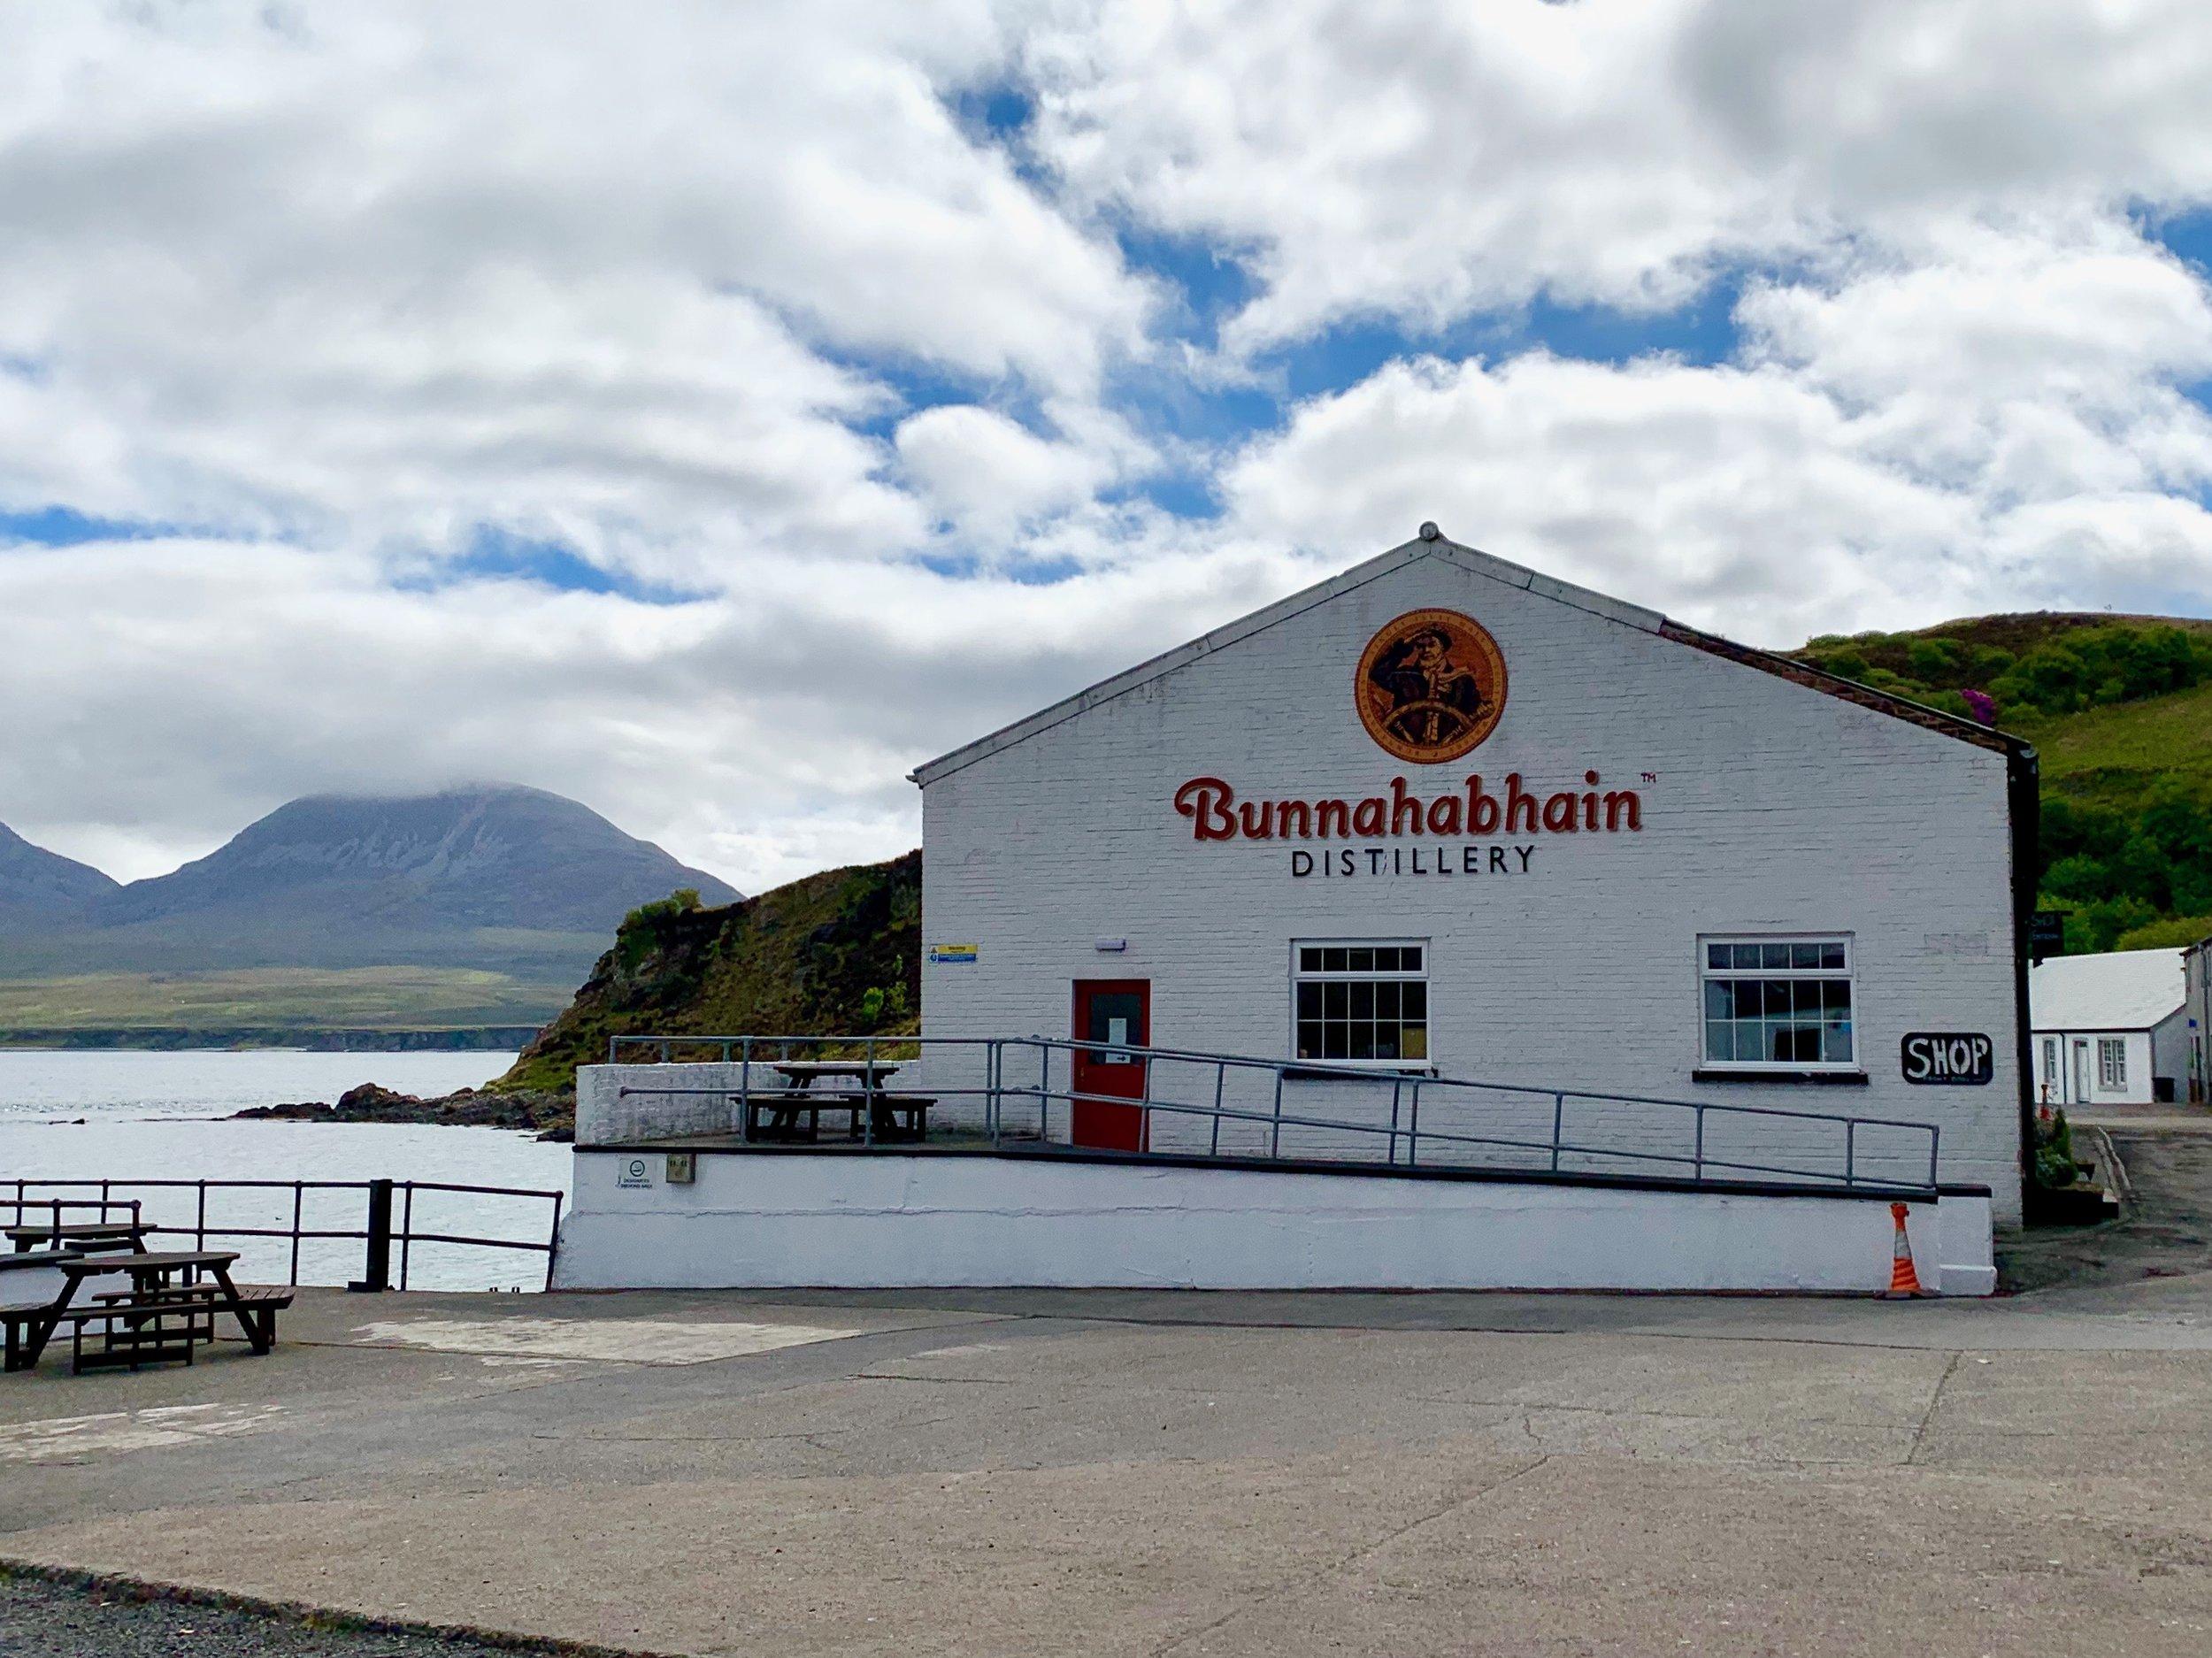 The Bunnahabhain Distillery on Islay, Scotland